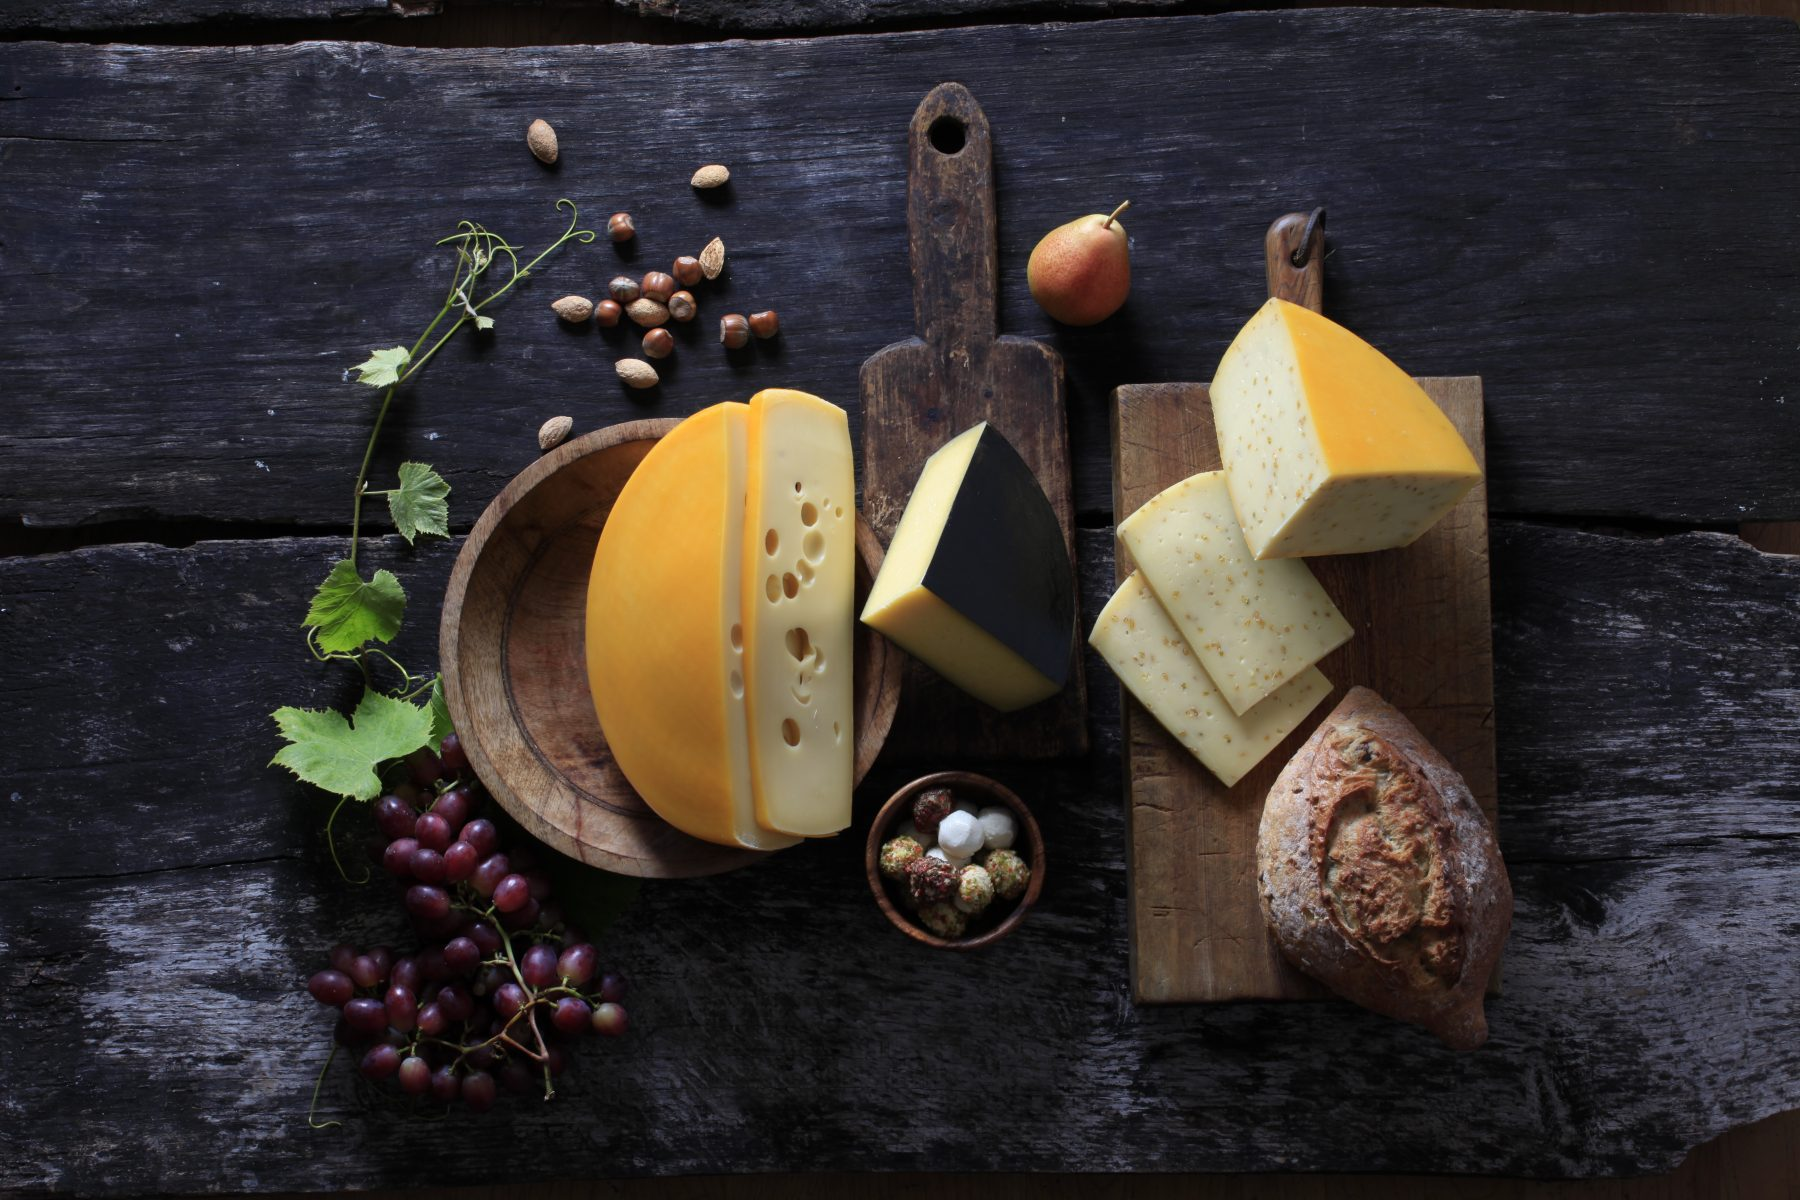 Kā izvēlēties un uzglabāt sieru?